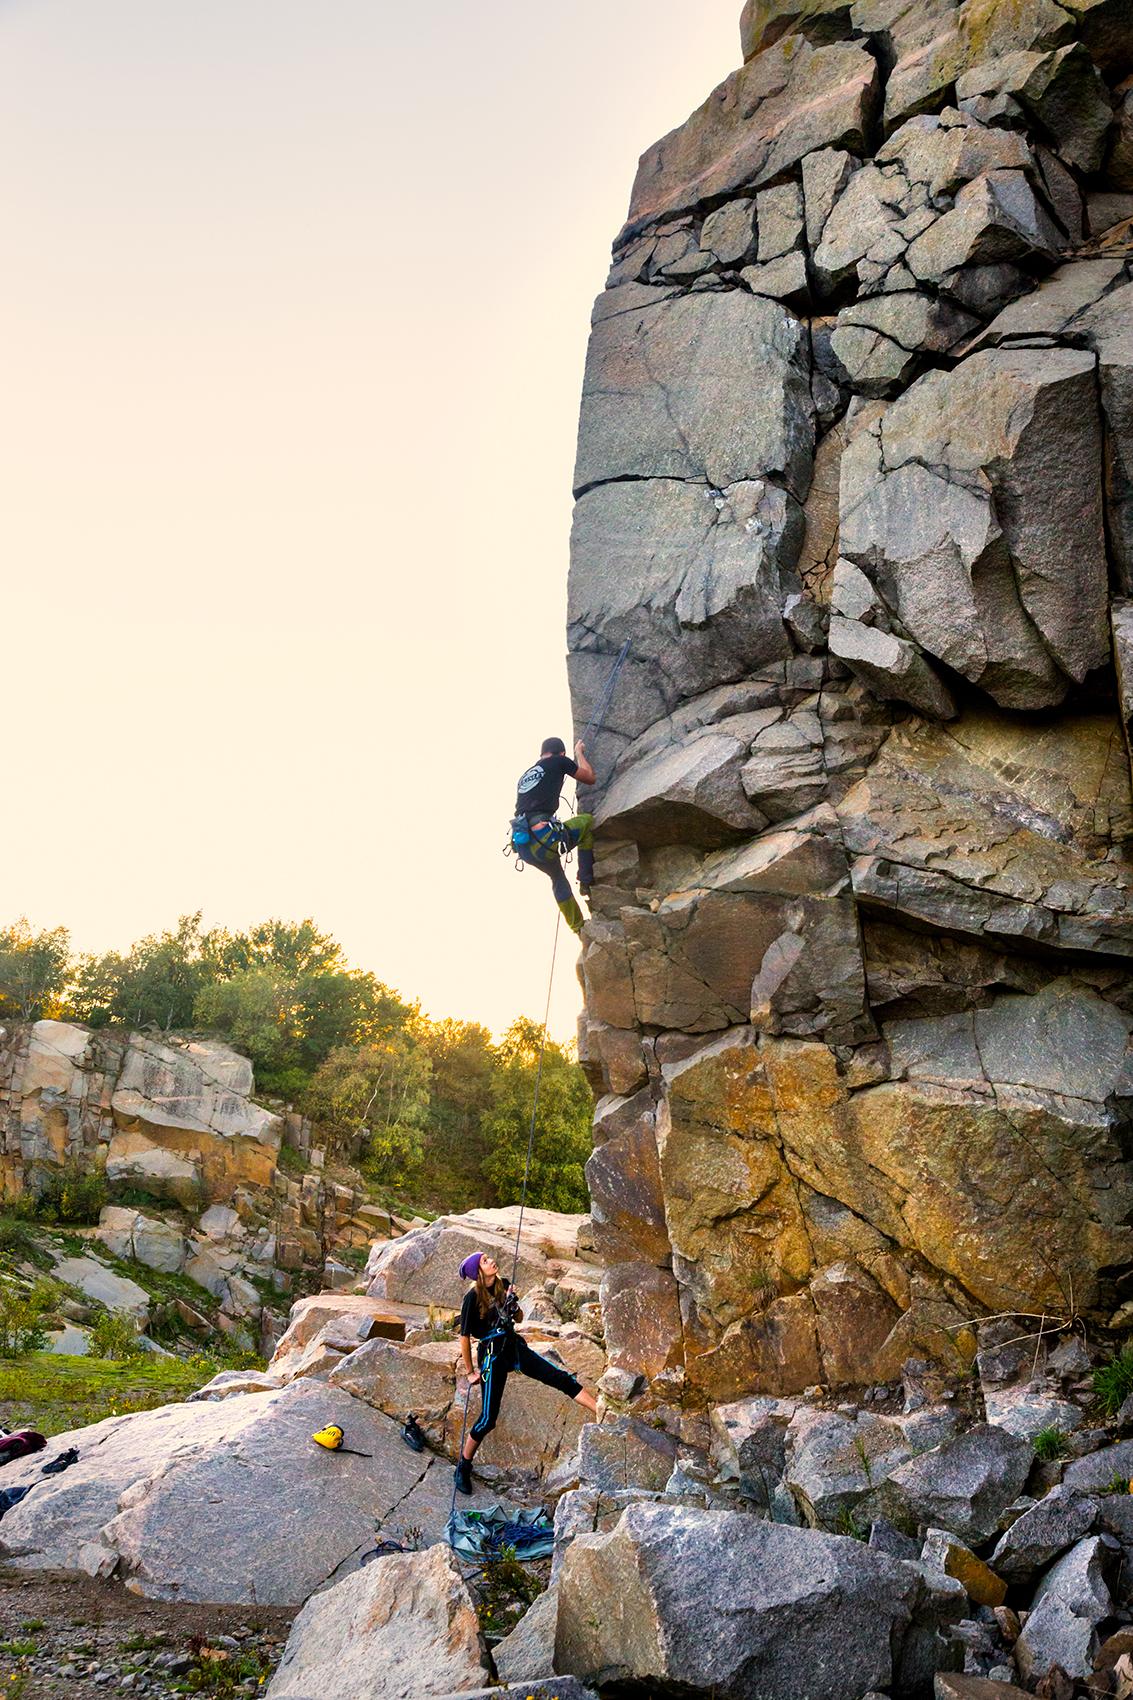 klippeklatring-Destination-Bornholm